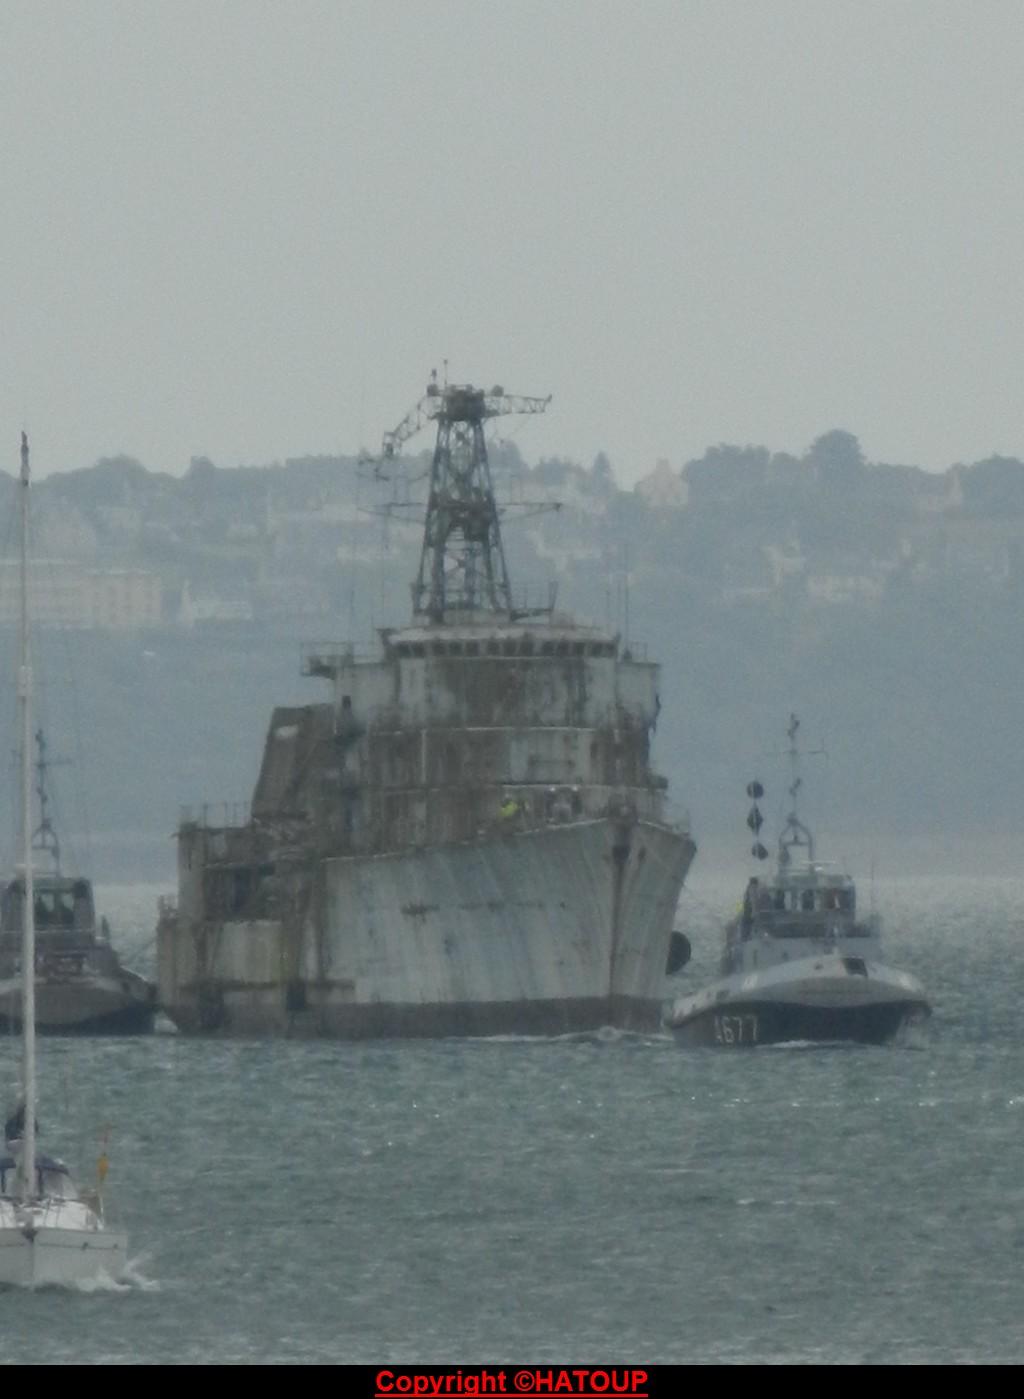 [Autre sujet Marine Nationale] Démantèlement, déconstruction des navires - TOME 2 - Page 2 15052202081561893